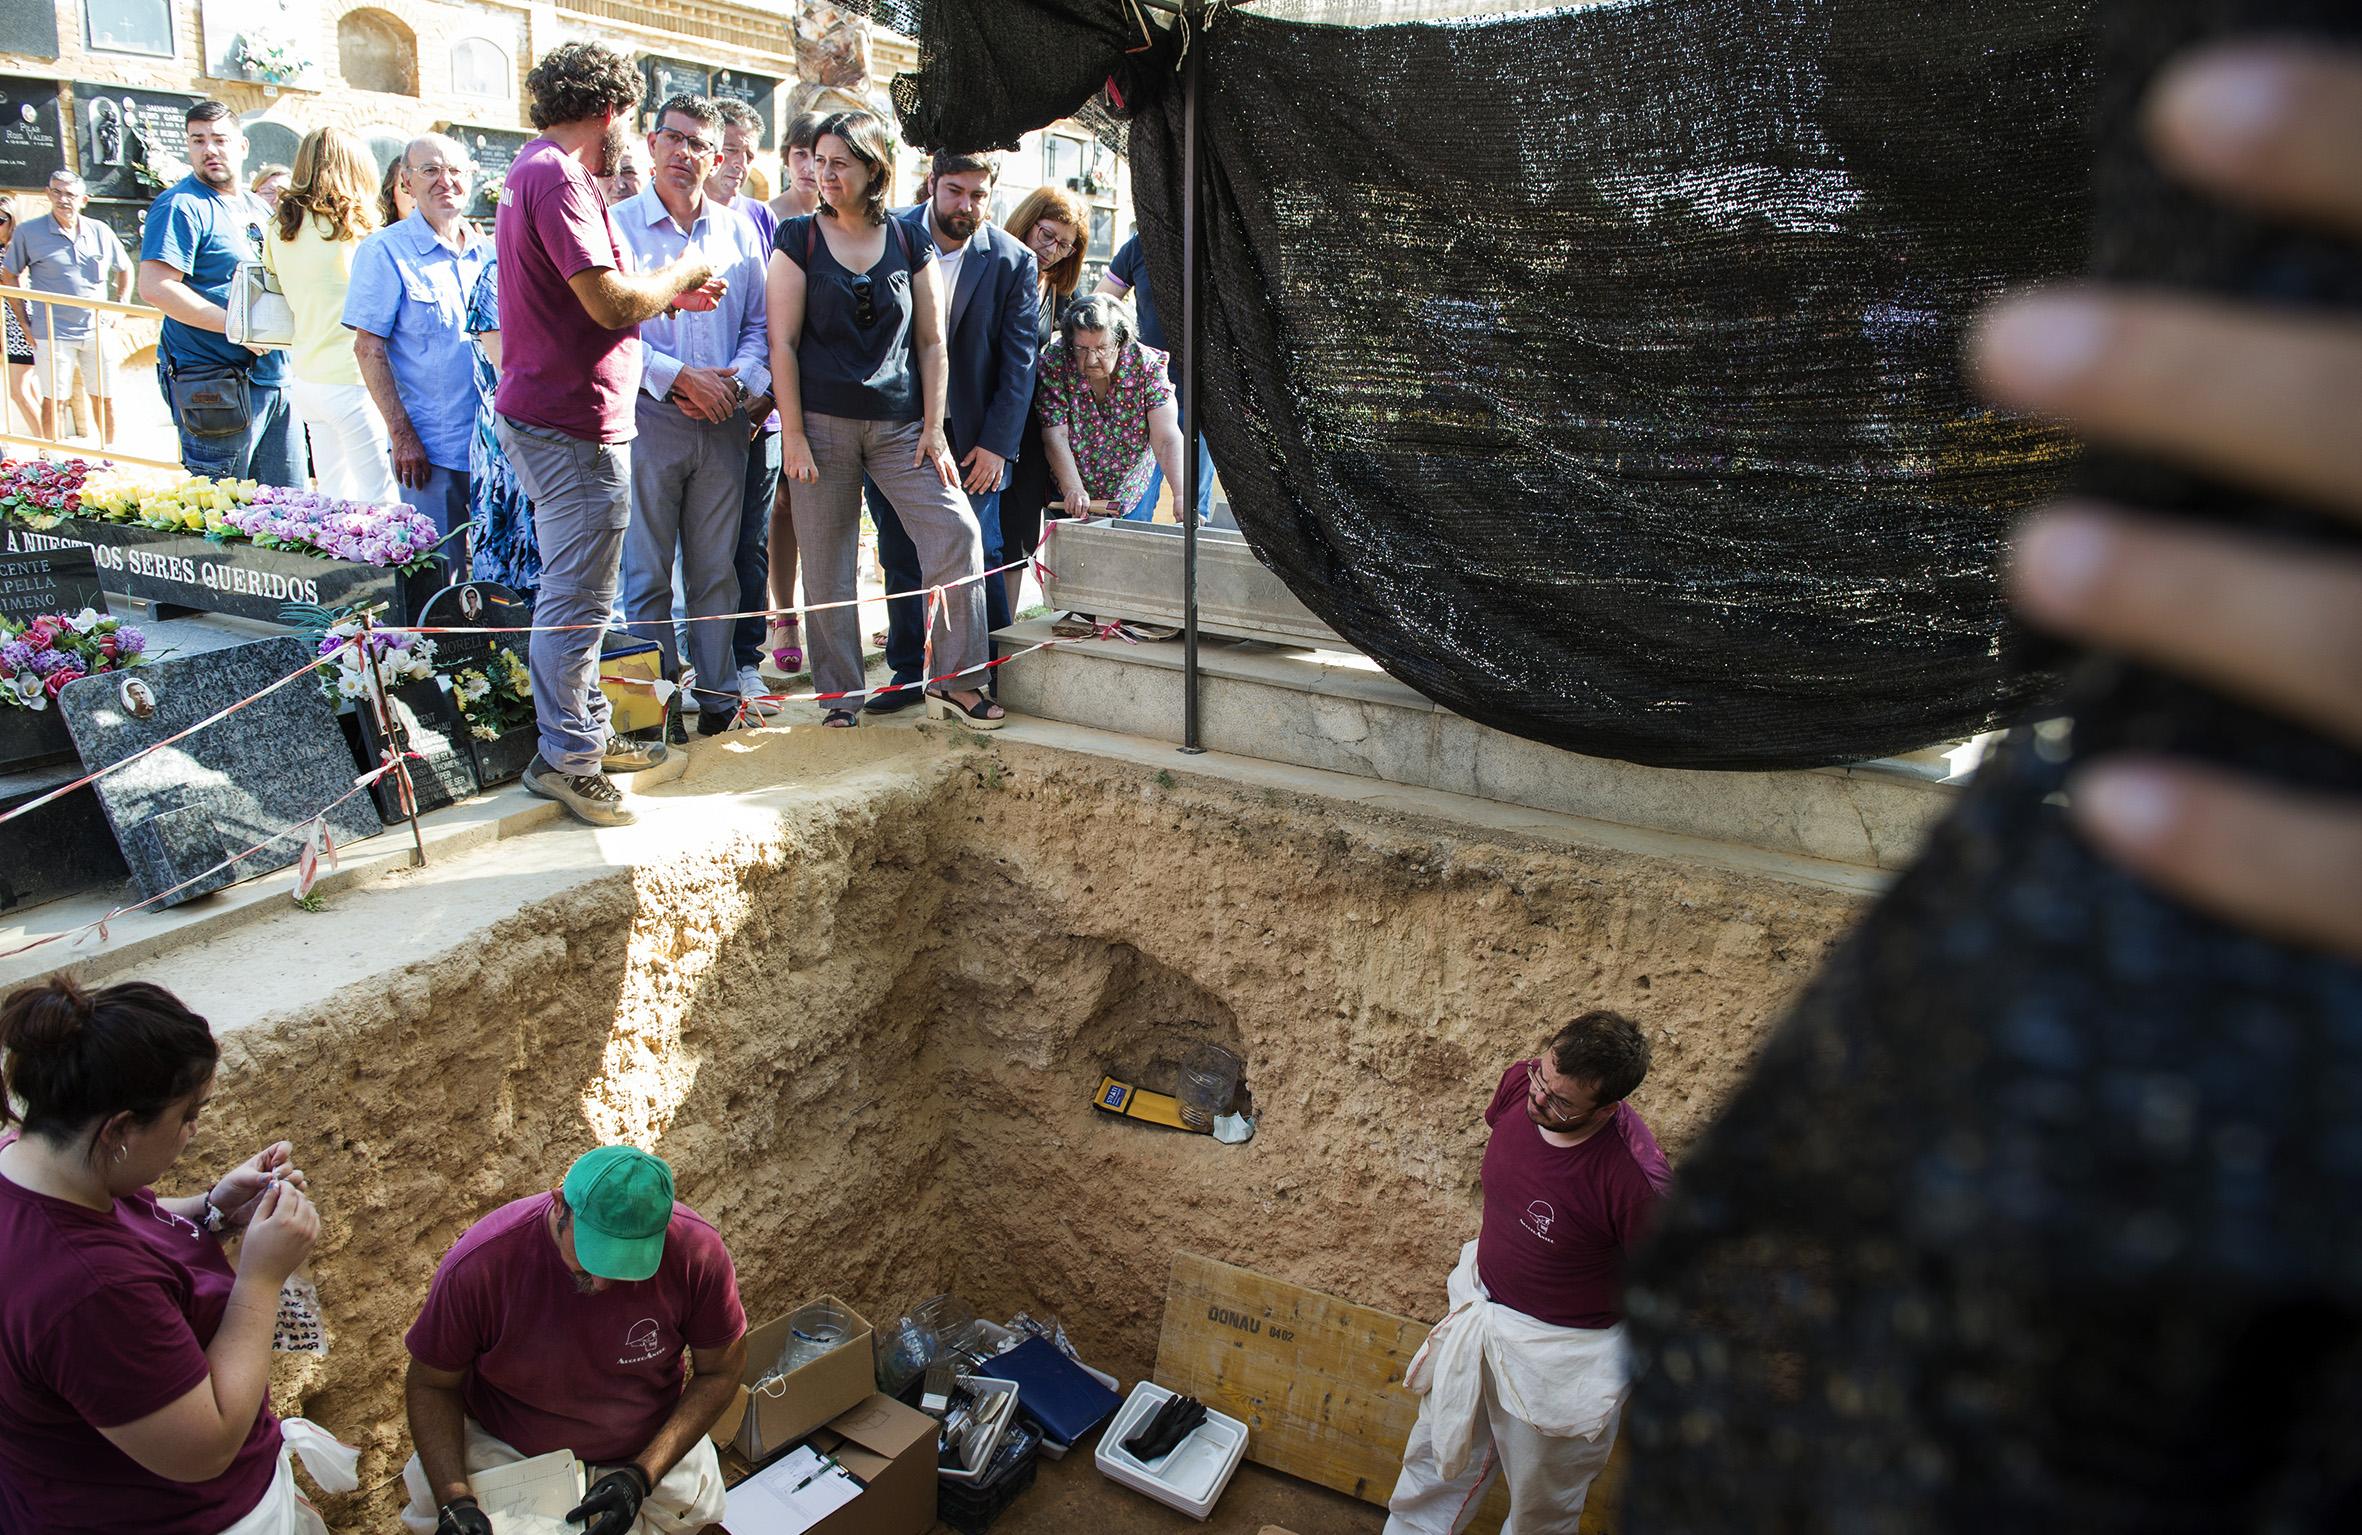 Jorge Rodríguez y Rosa Pérez Garijo visitan el cementerio de Paterna durante las exhumaciones de la fosa 113.